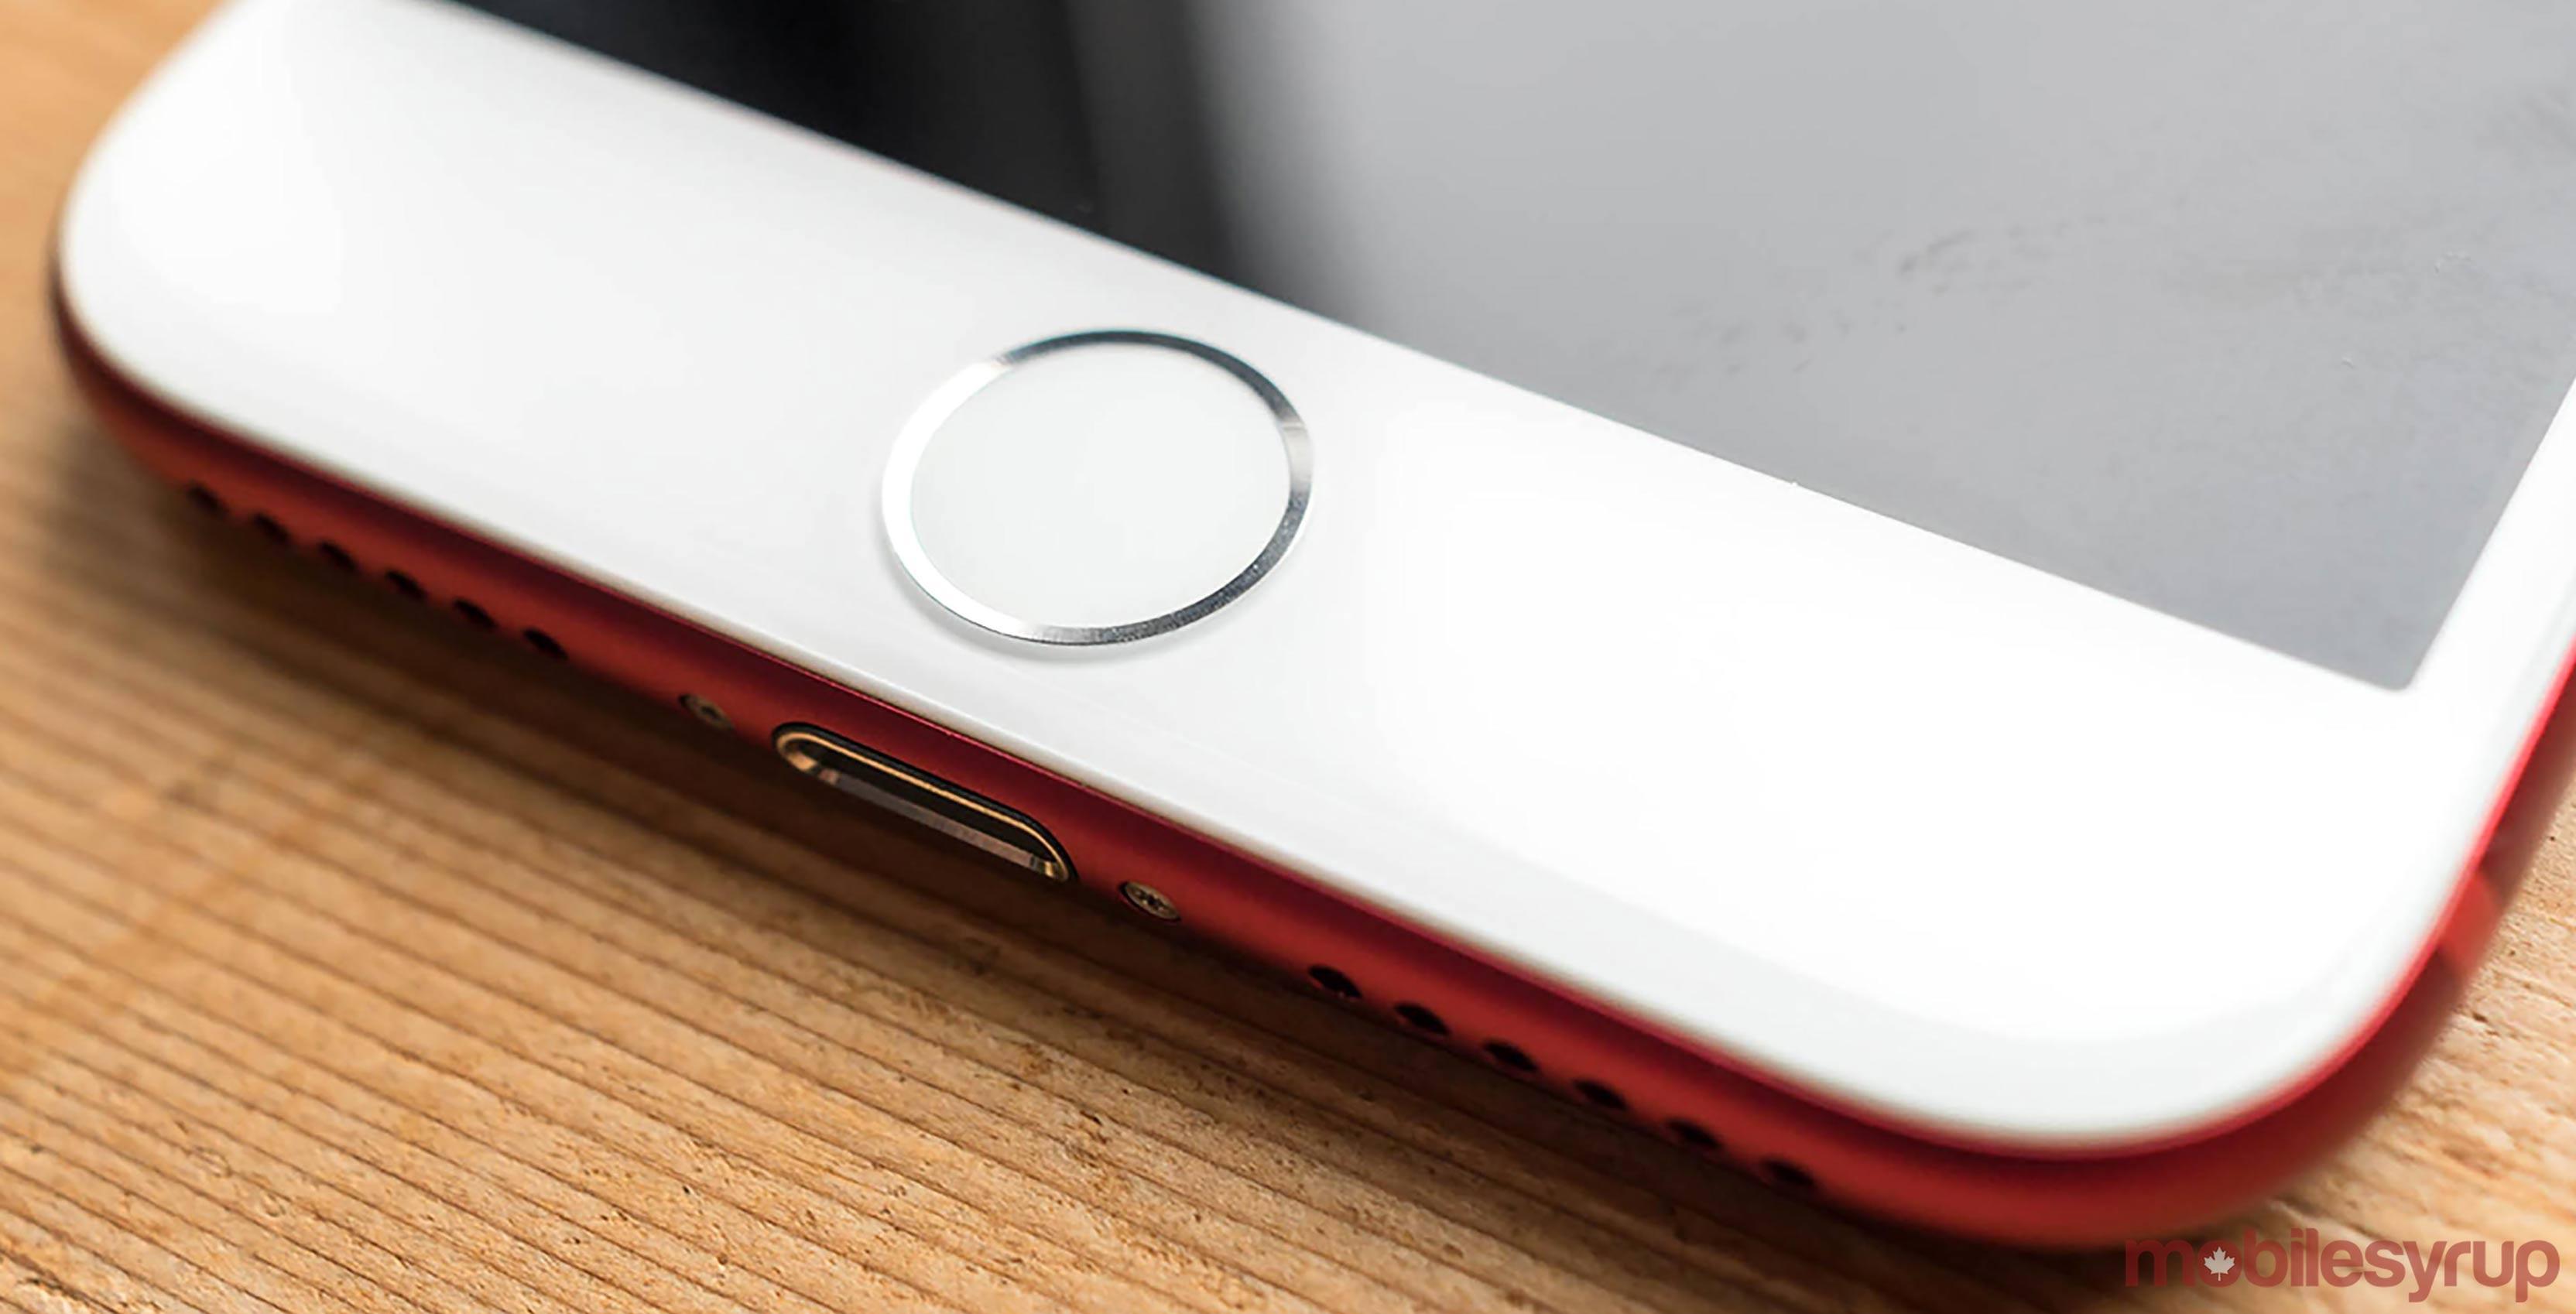 iPhone 7 port